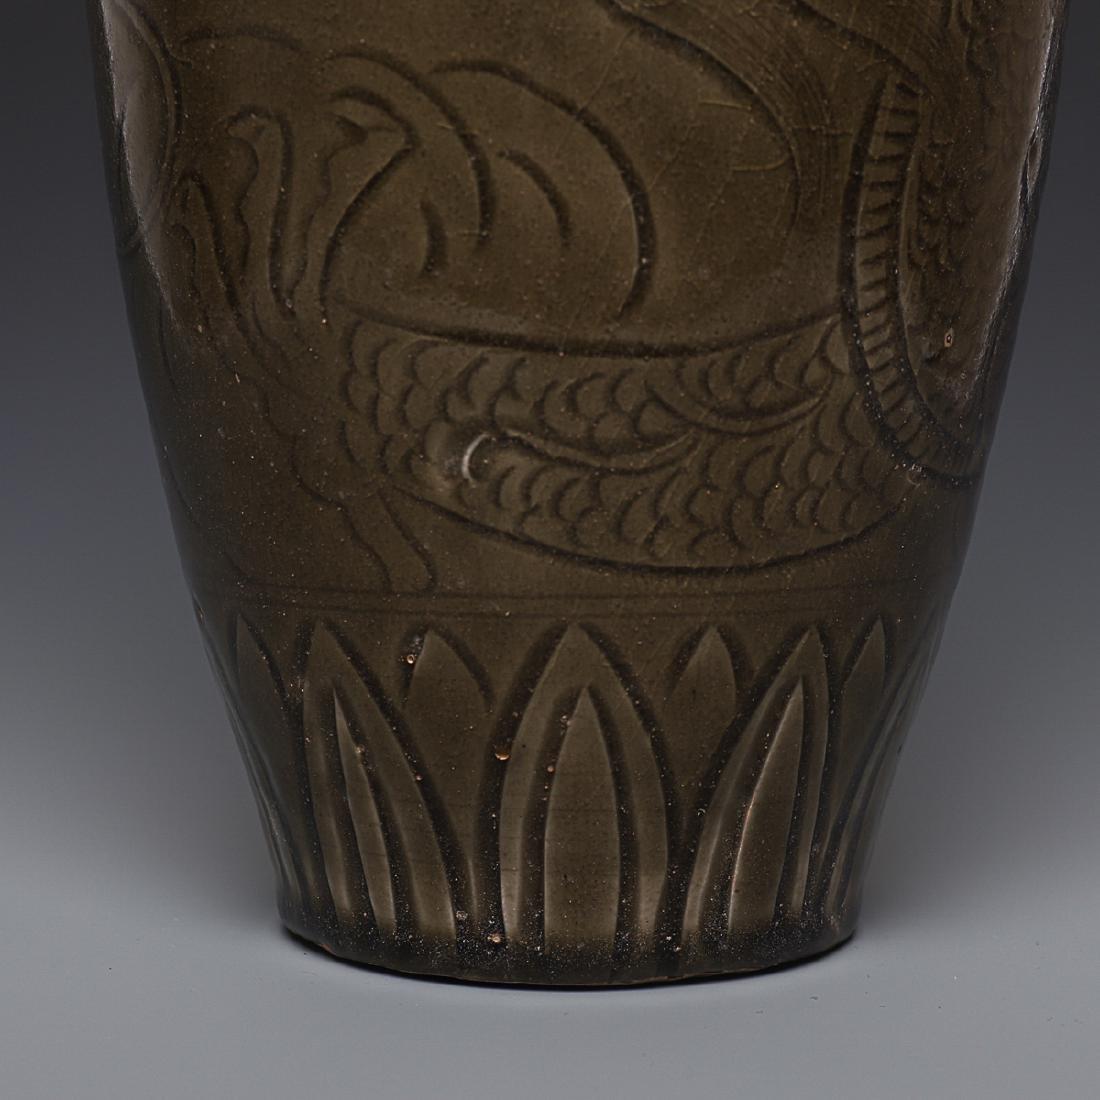 Vintage Chinese Porcelain Vase - 7